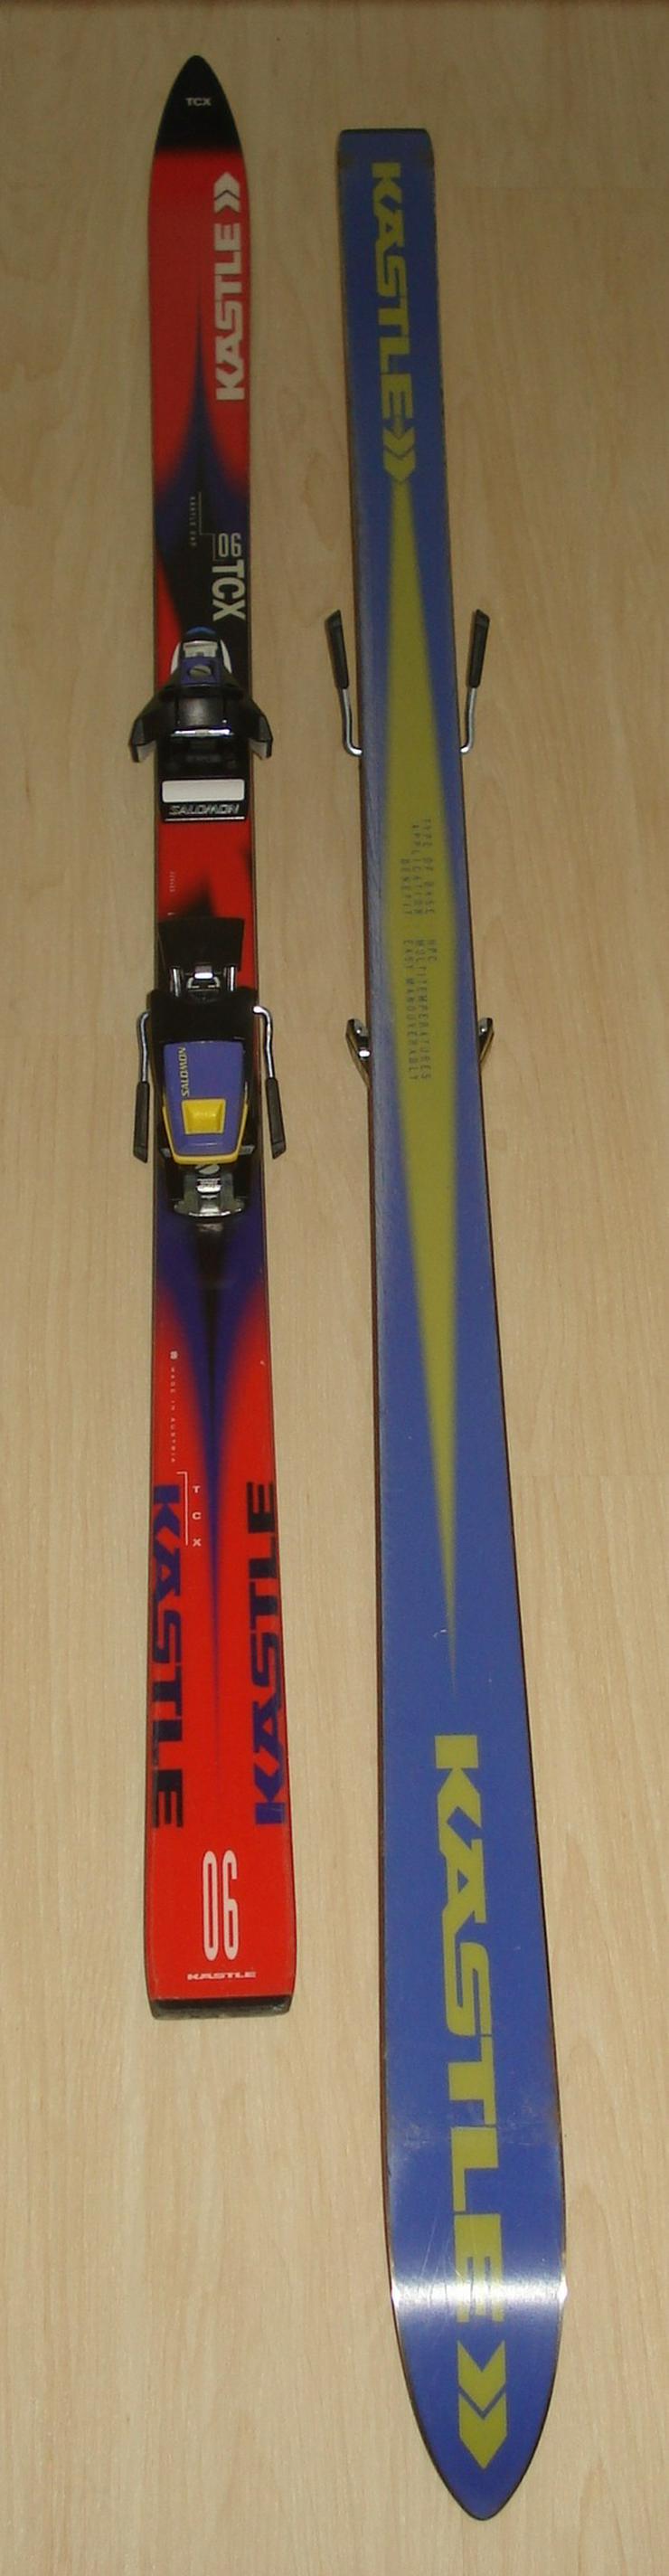 Abfahrts-Skier und Stöcke